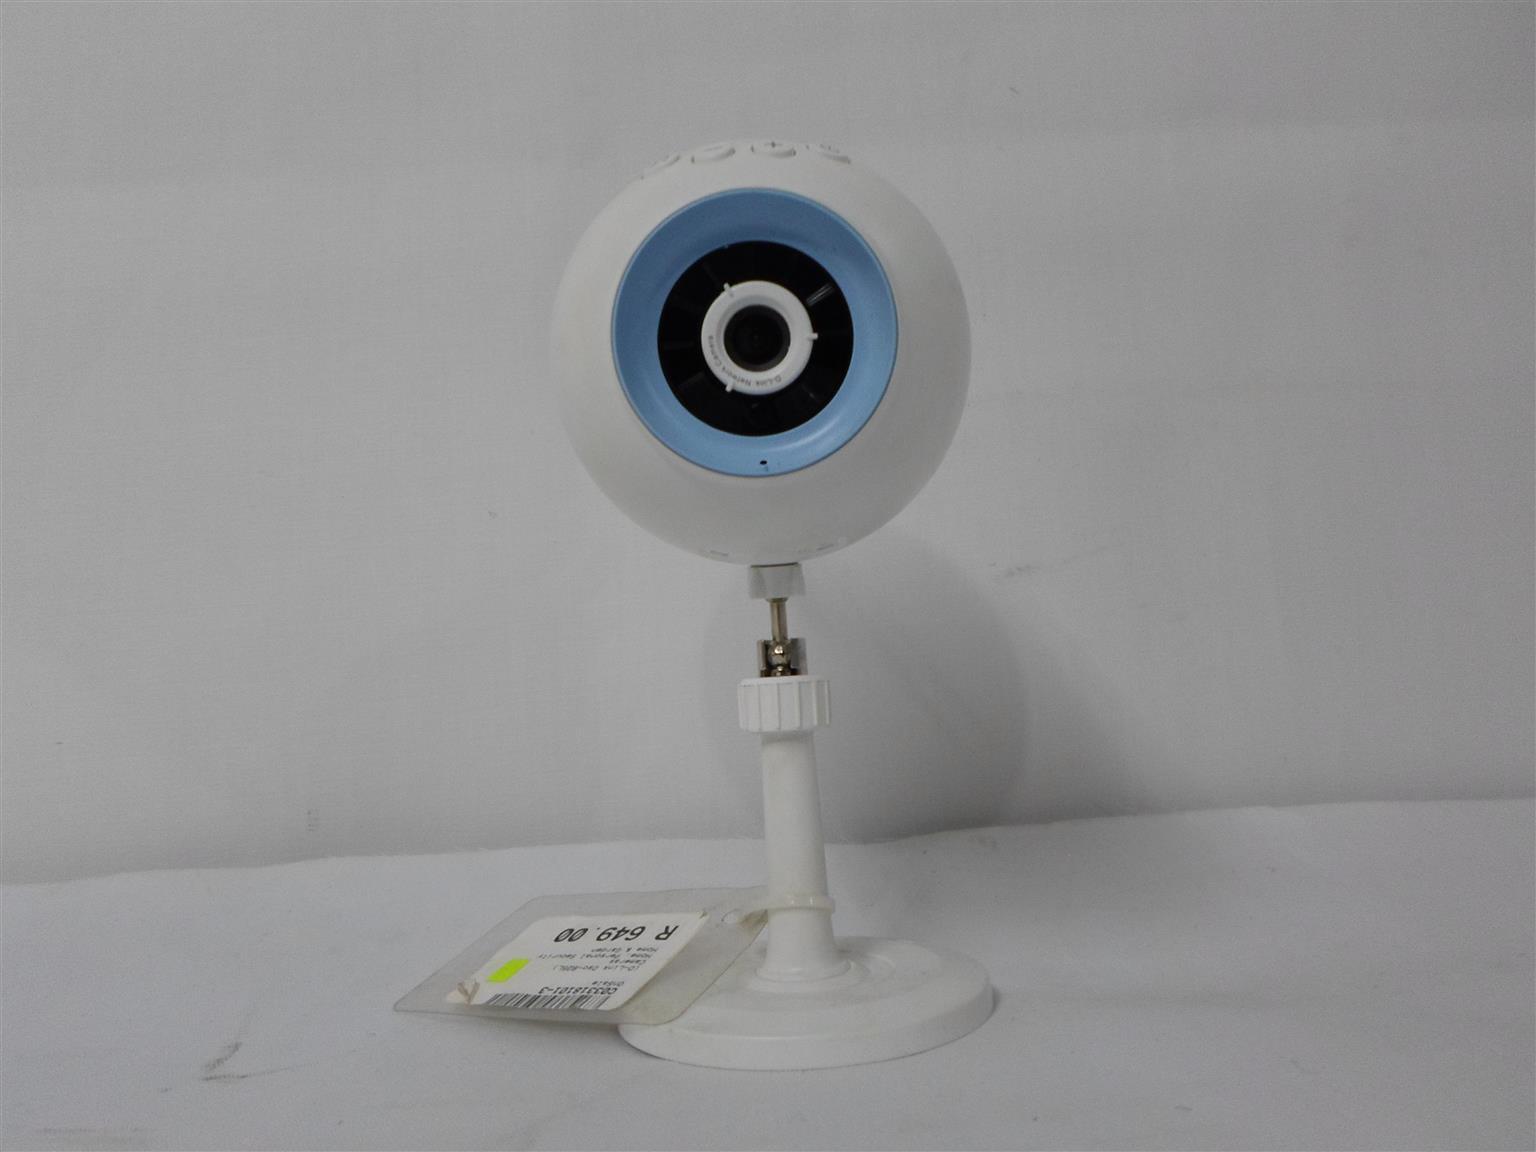 D-Link DCS-825LA1 Camera